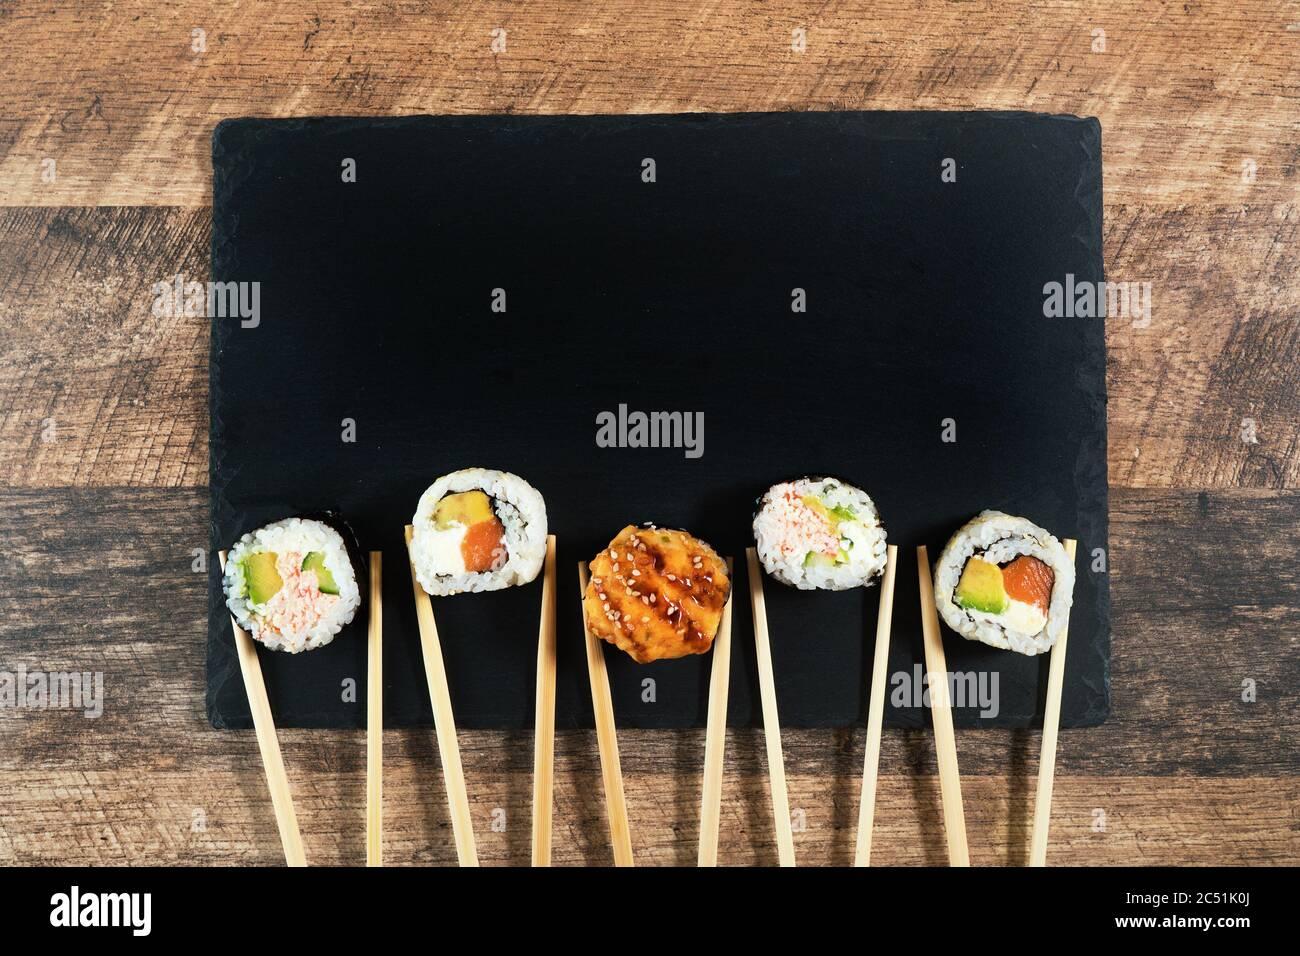 Ensemble de rouleaux à sushis avec baguettes. Place pour votre texte ou logo. Banque D'Images